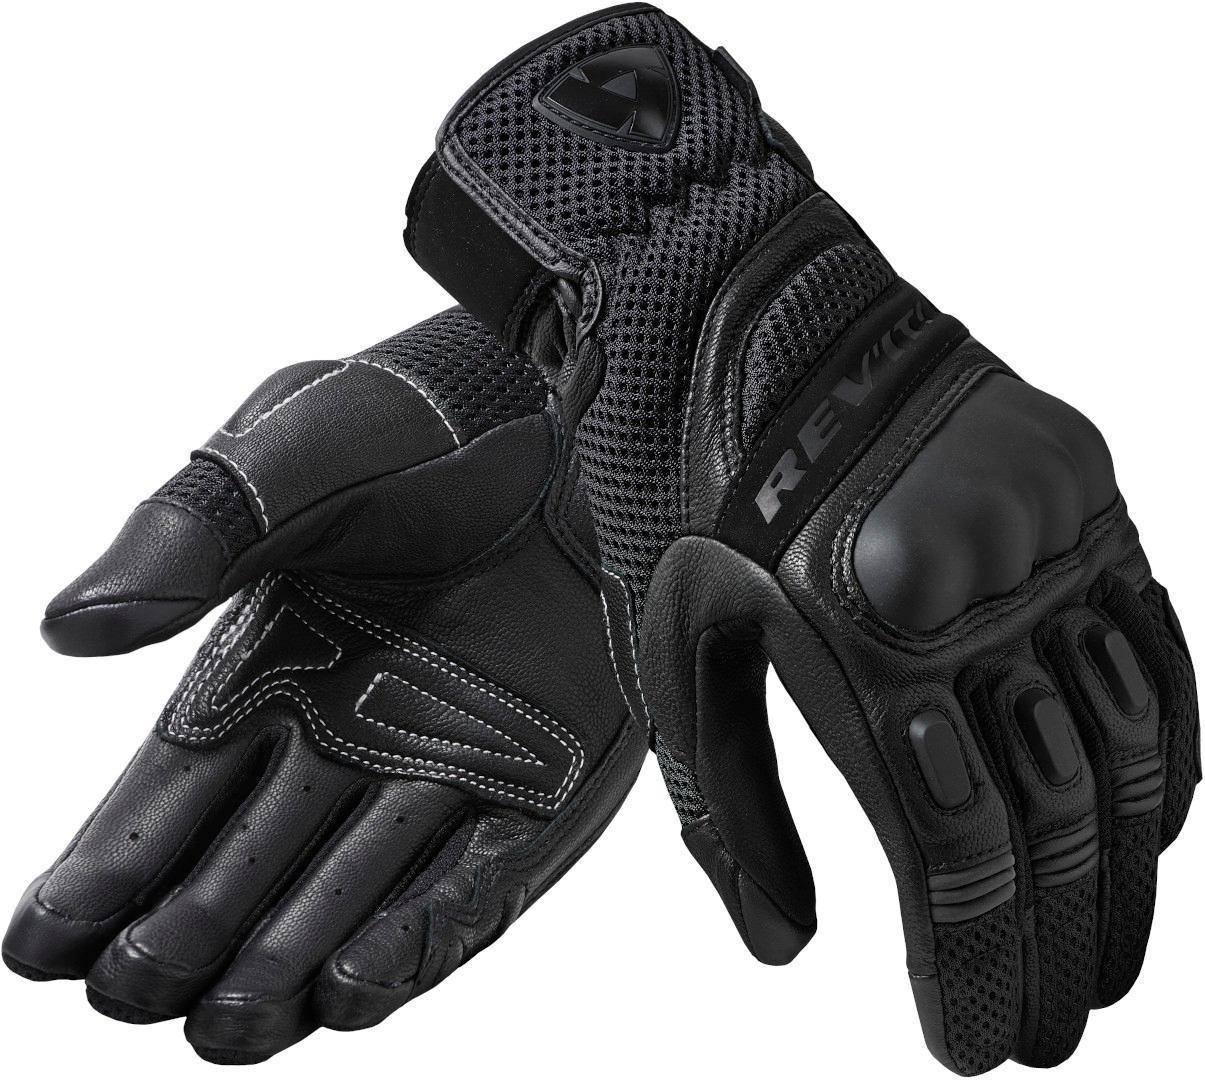 Revit Dirt 3 Damen Motorradhandschuhe, schwarz, Größe M, schwarz, Größe M